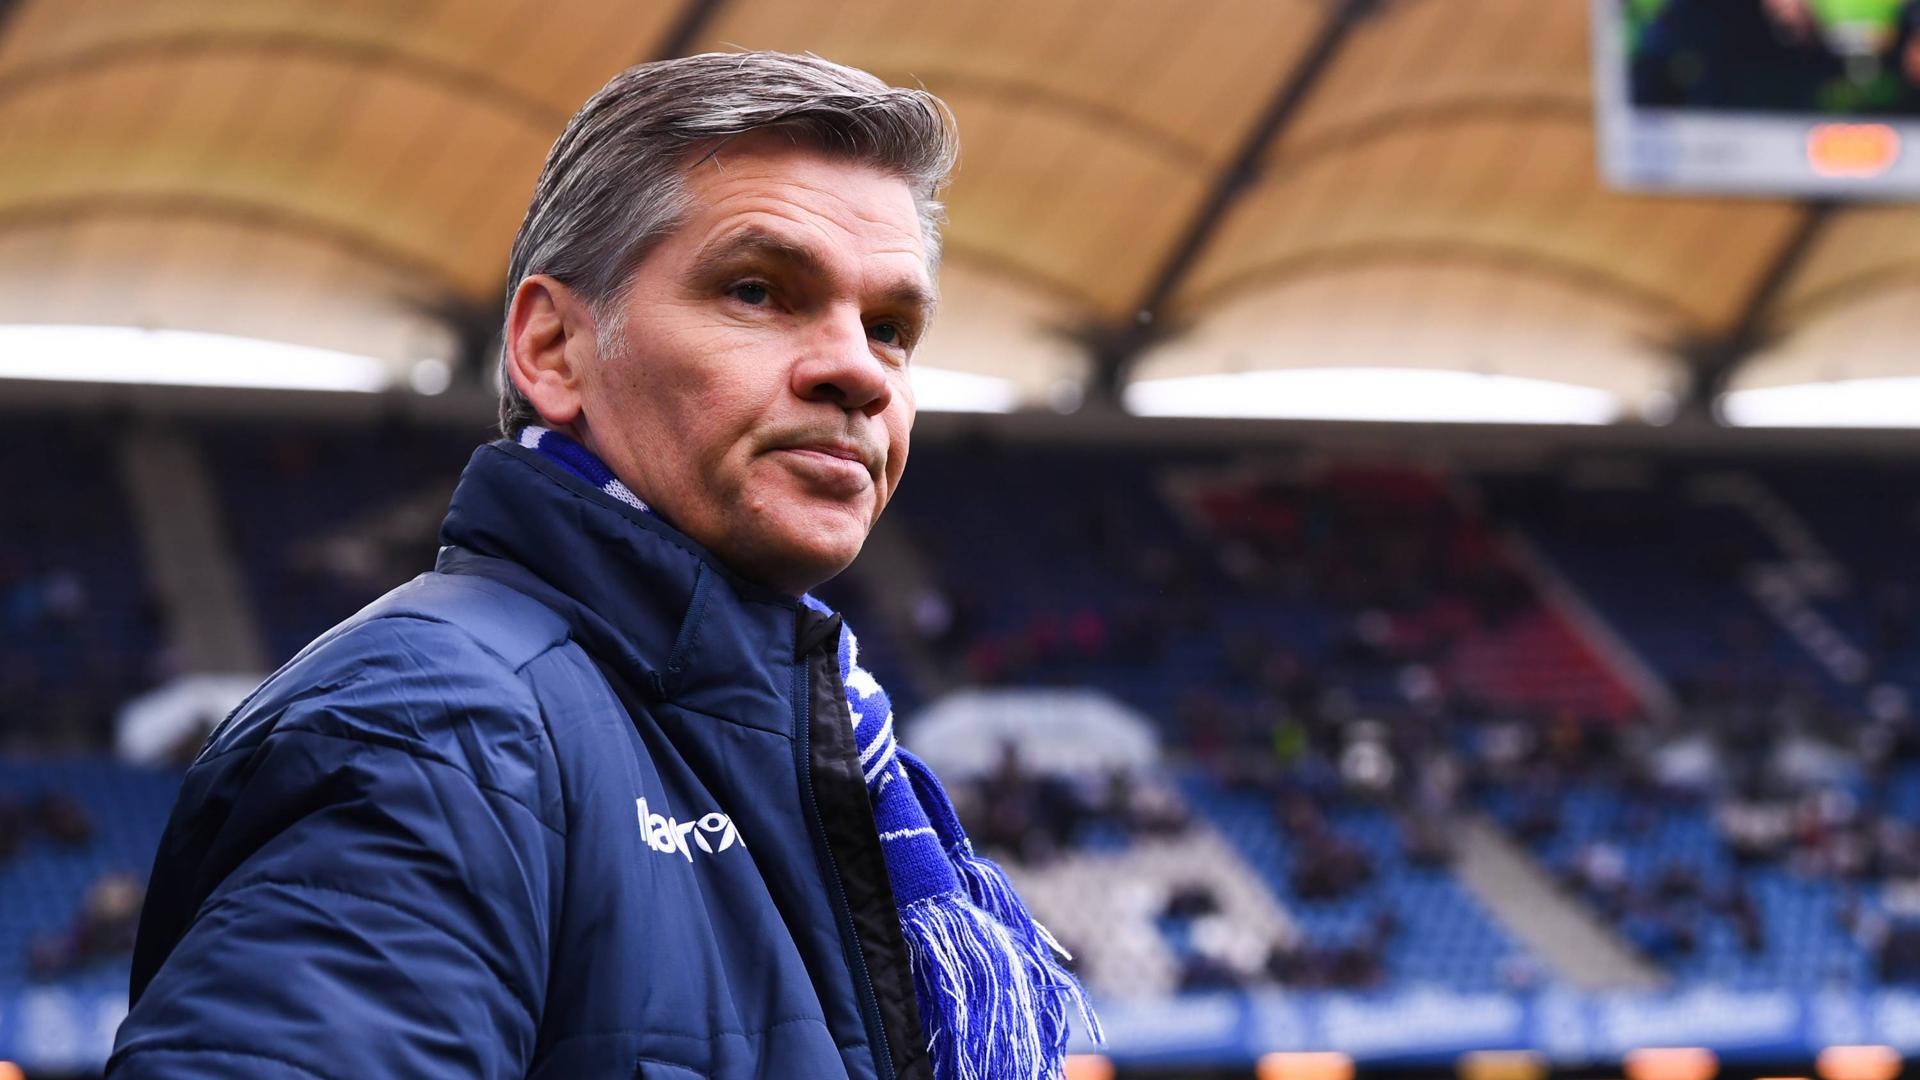 Den Rücktritt von Präsident Ingo Wellenreuther fordert ein Bündnis, das den KSC vor der Insolvenz bewahren will.